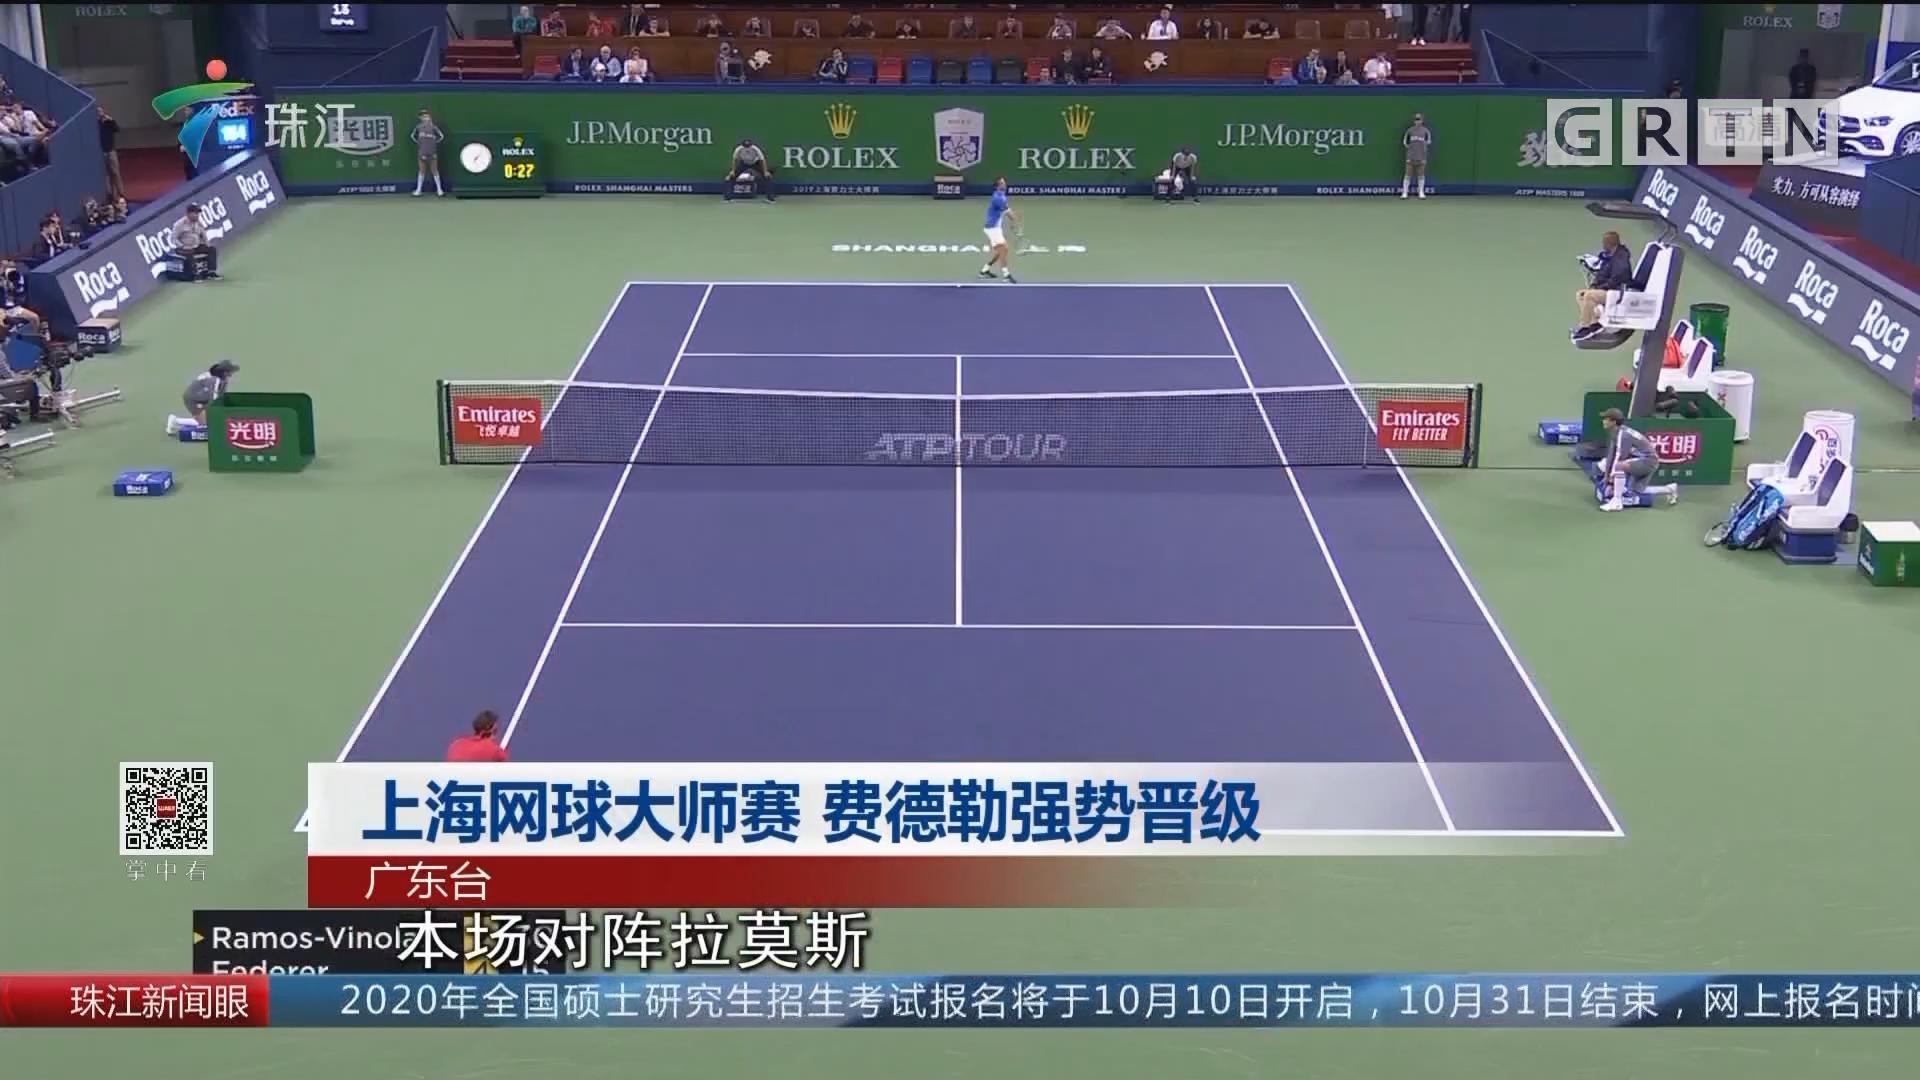 上海网球大师赛 费德勒强势晋级